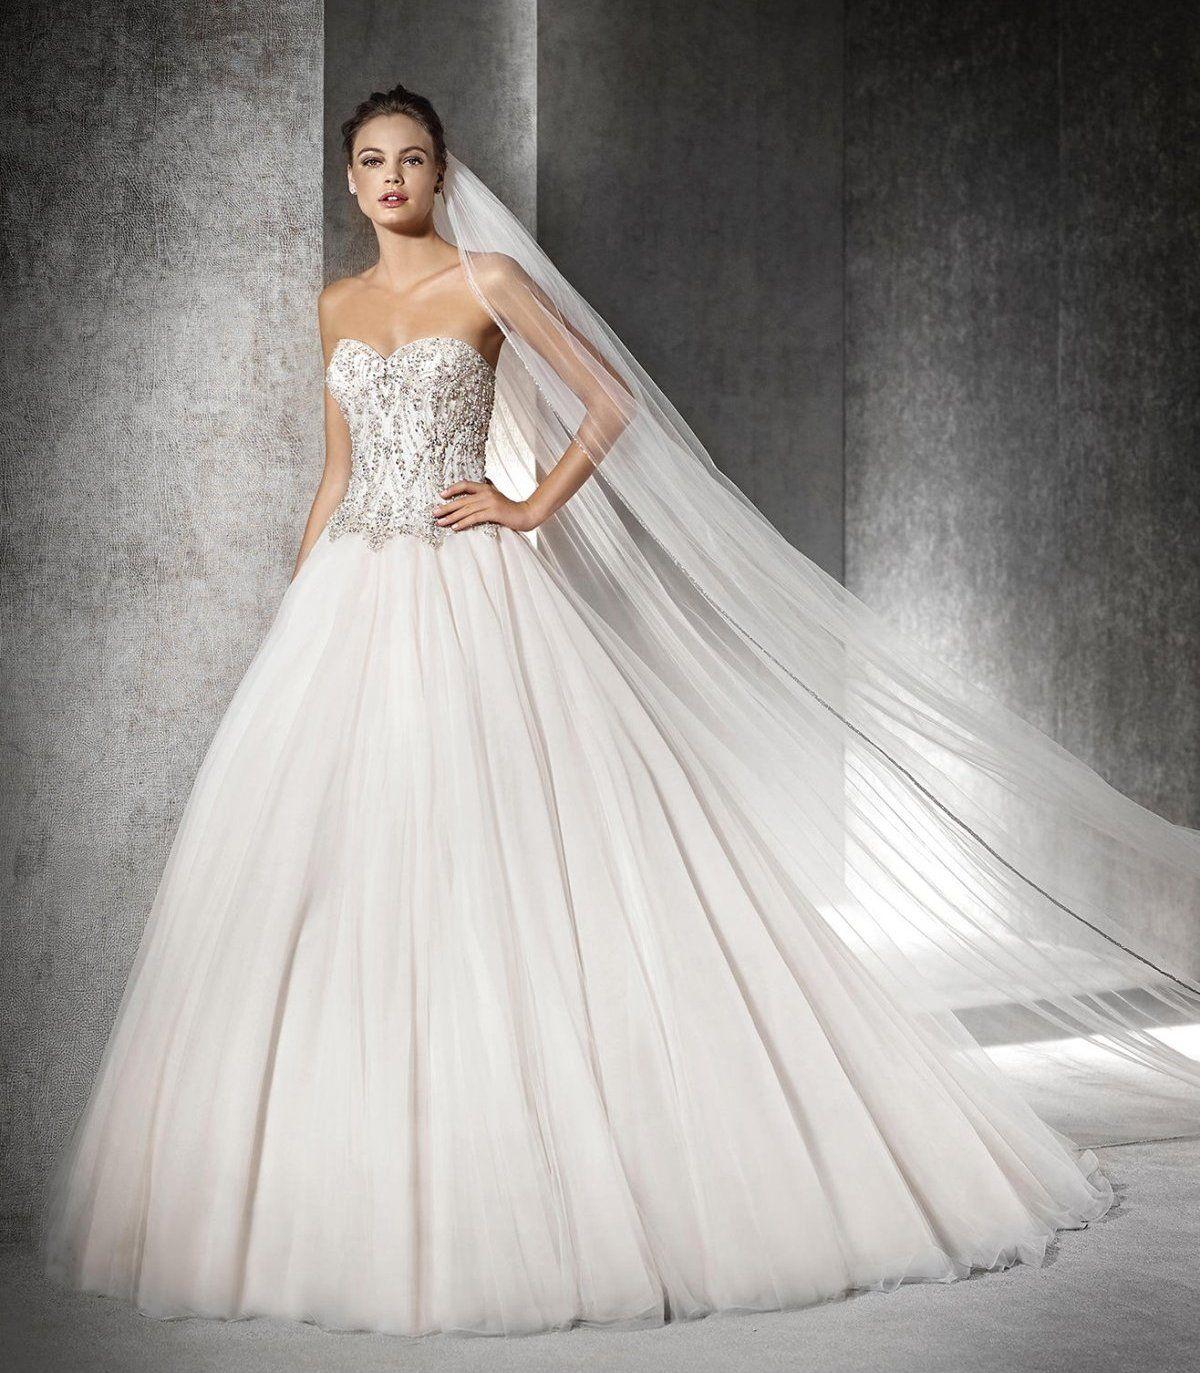 Свадебное платье пышной юбкой с стразами